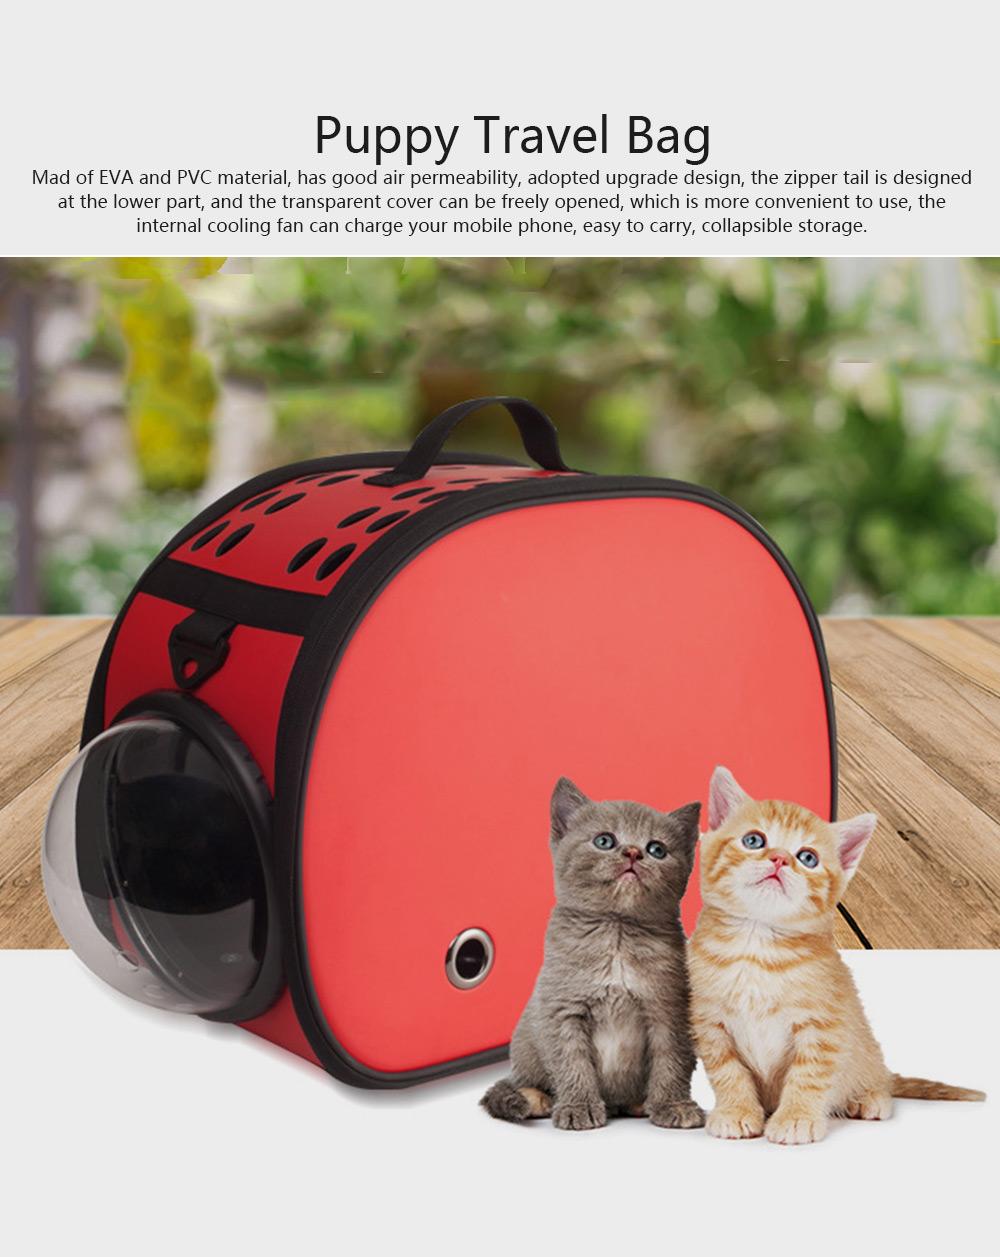 Pet Bag Intelligent Cooling EVA Puppy Travel Cage Portable Collapsible One Shoulder Handbag for Pet Dog Cat Travel Bag 0